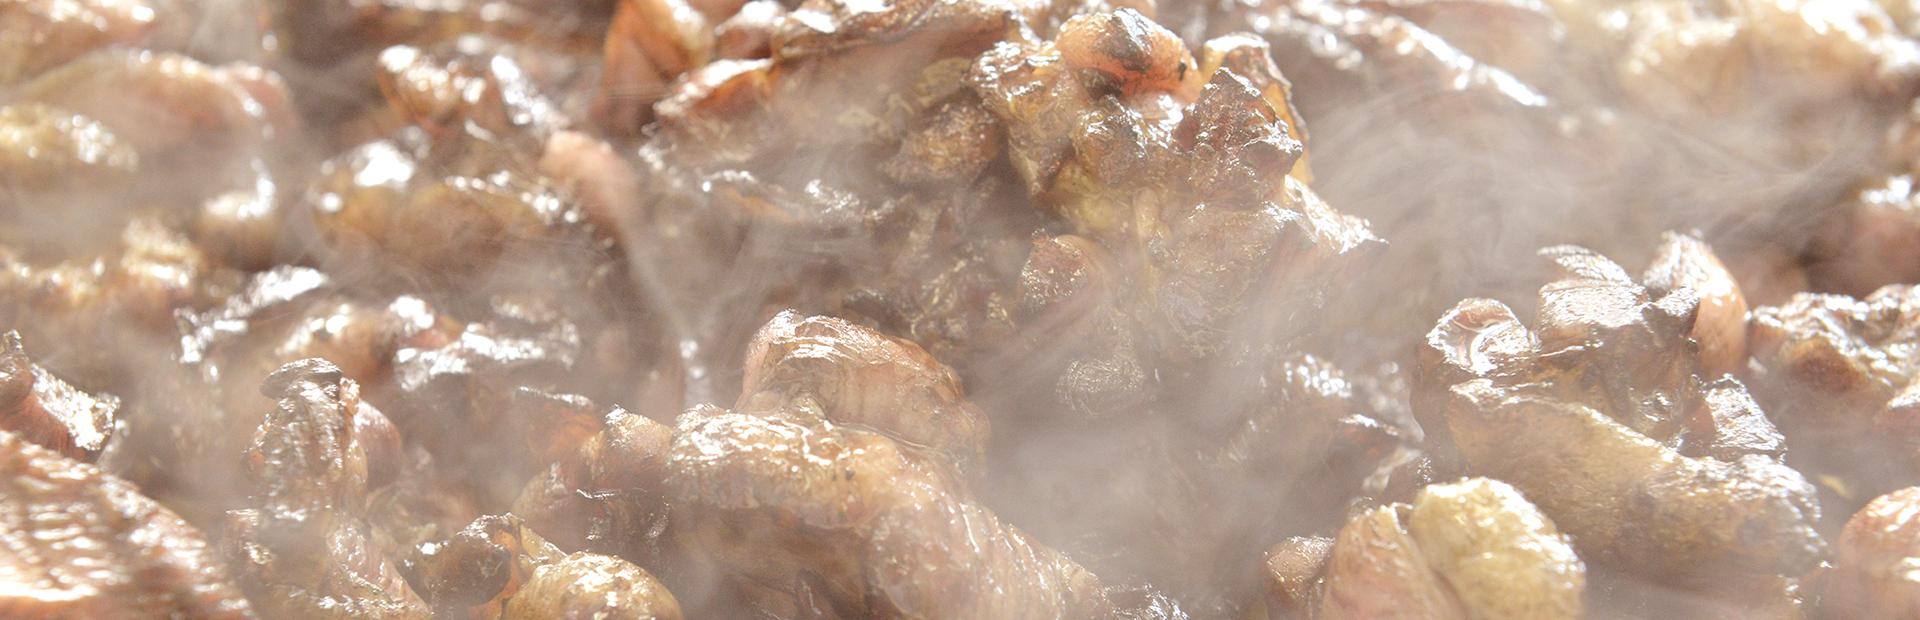 お酒がすすむ ご飯もすすむ 宮崎の美味しい鶏をお届け こだわりの本格・炭火焼、手羽ギョウザなど美味しい鳥料理がご家庭で手軽にお楽しみいただけます。